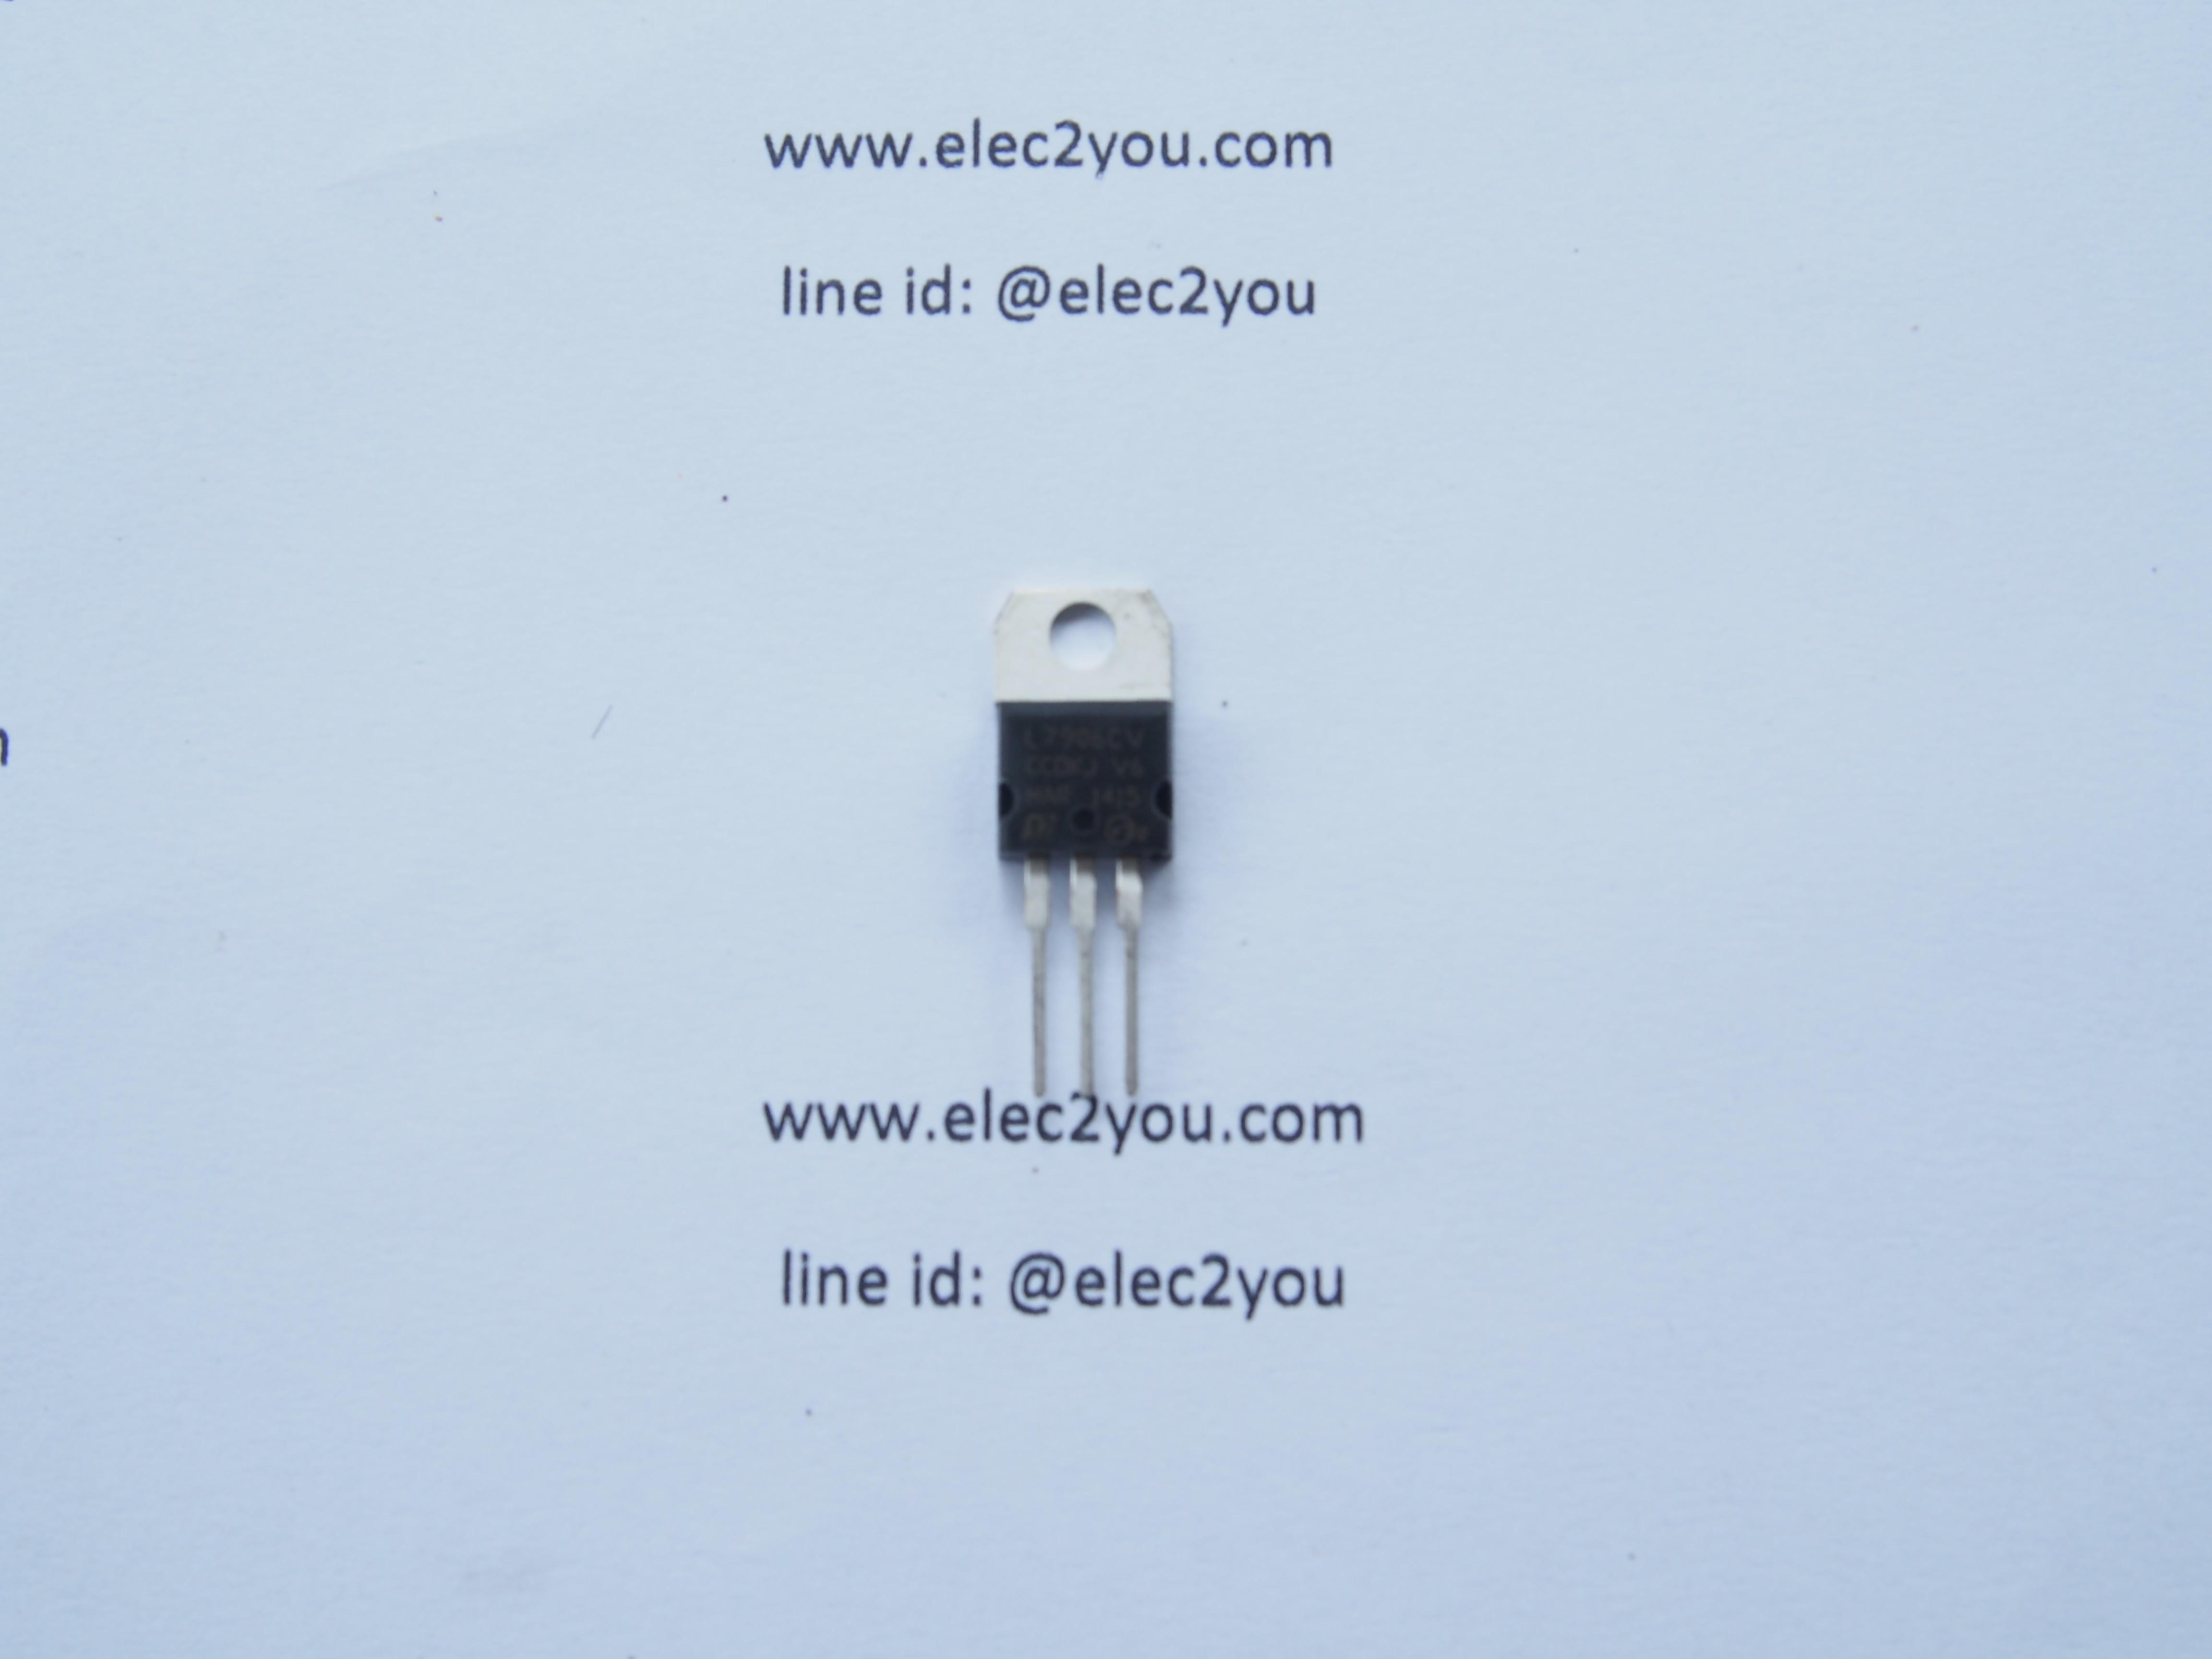 ทรานซิสเตอร์ L7805-L7824 Series / L79 Series / LM317T